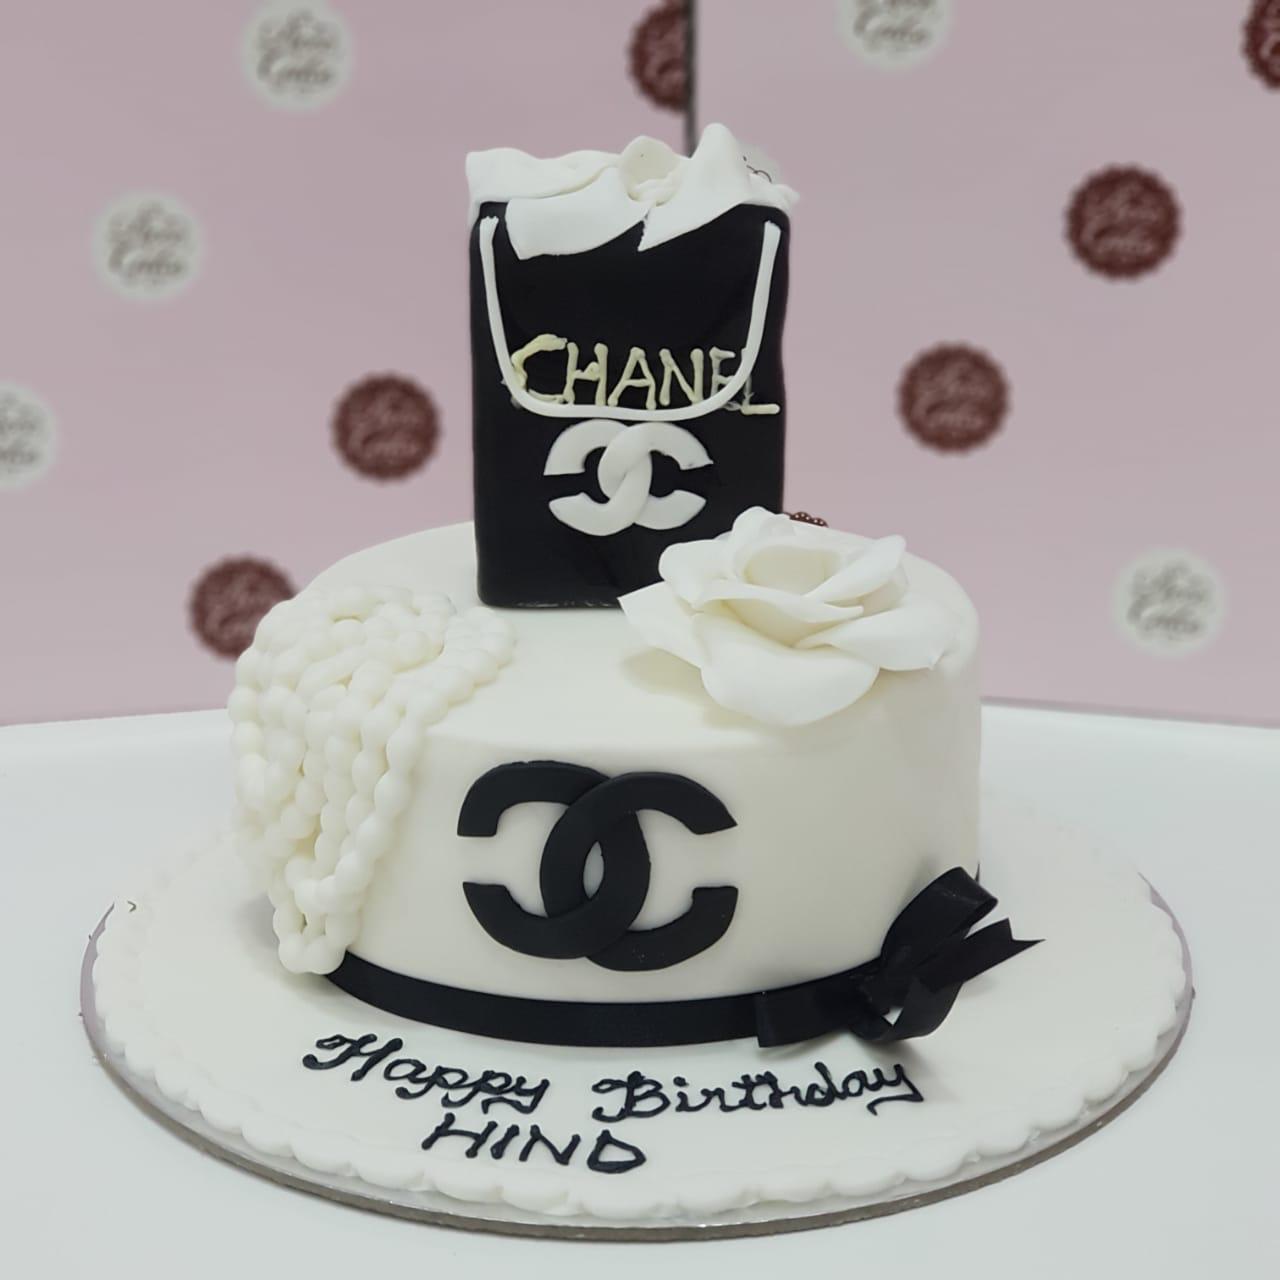 Phenomenal Piece Of Cake Dubai Birthday Cakes Birthday Cakes Dubai Personalised Birthday Cards Petedlily Jamesorg